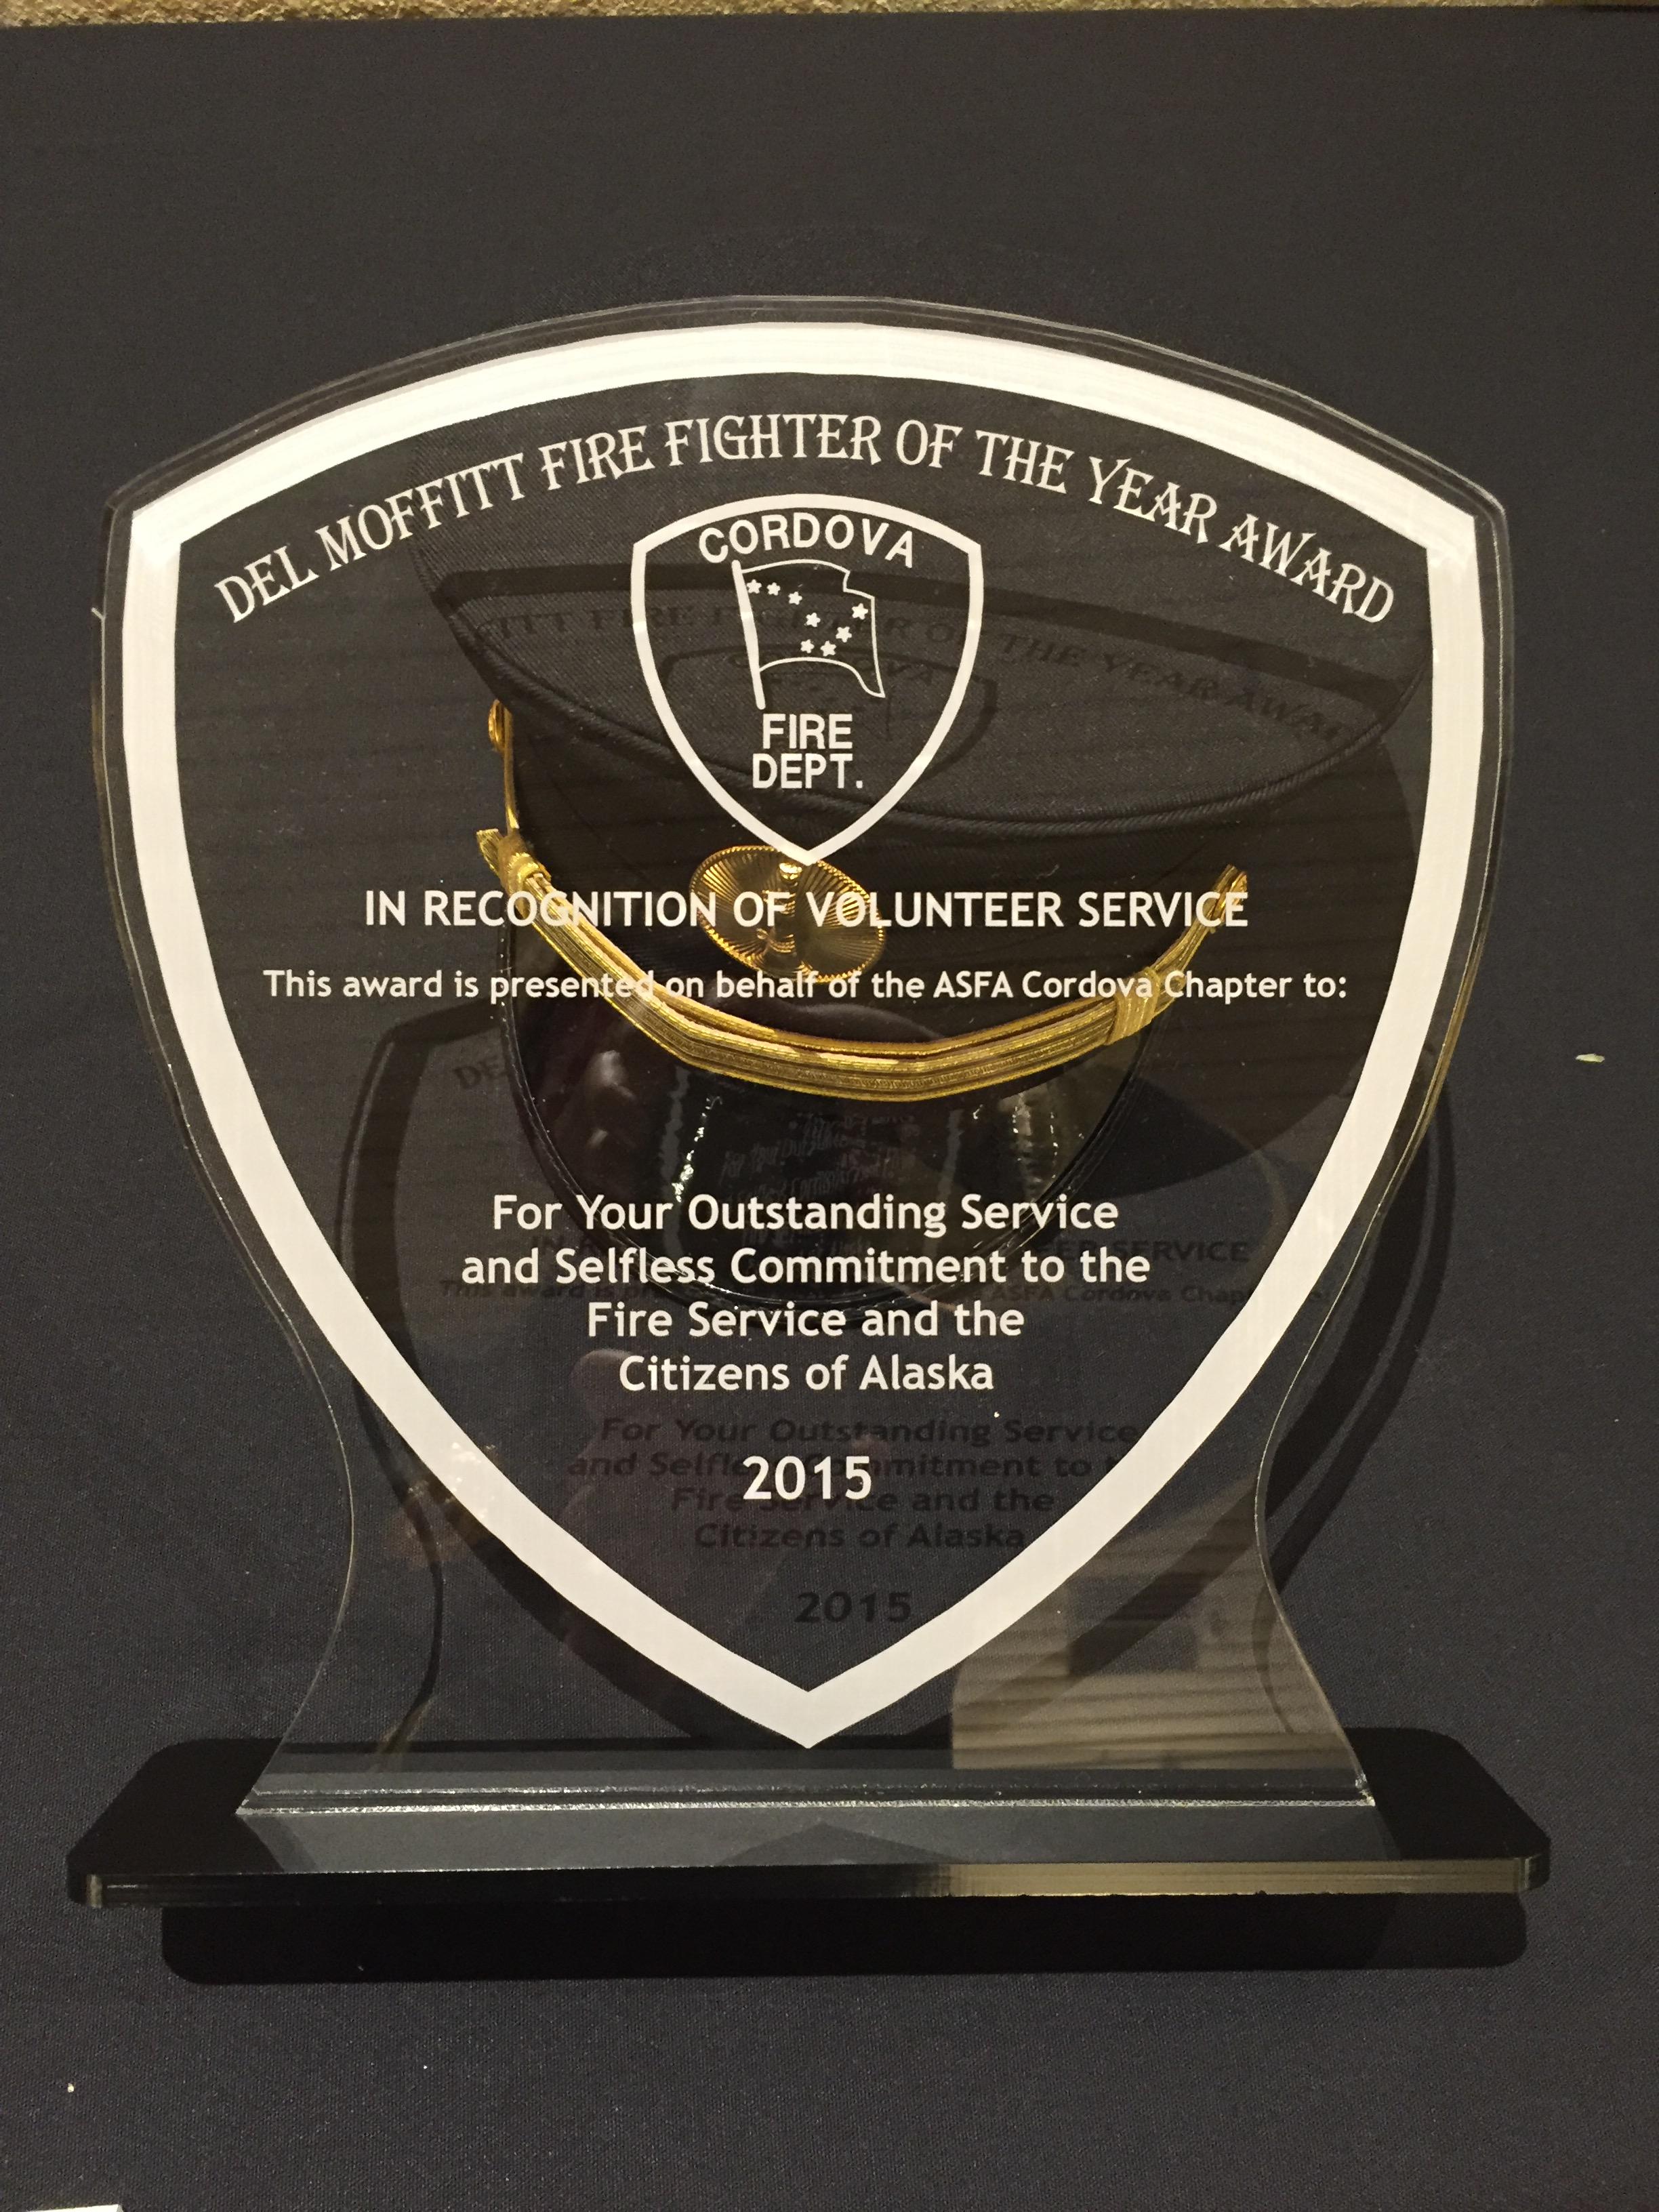 Del Moffitt Award